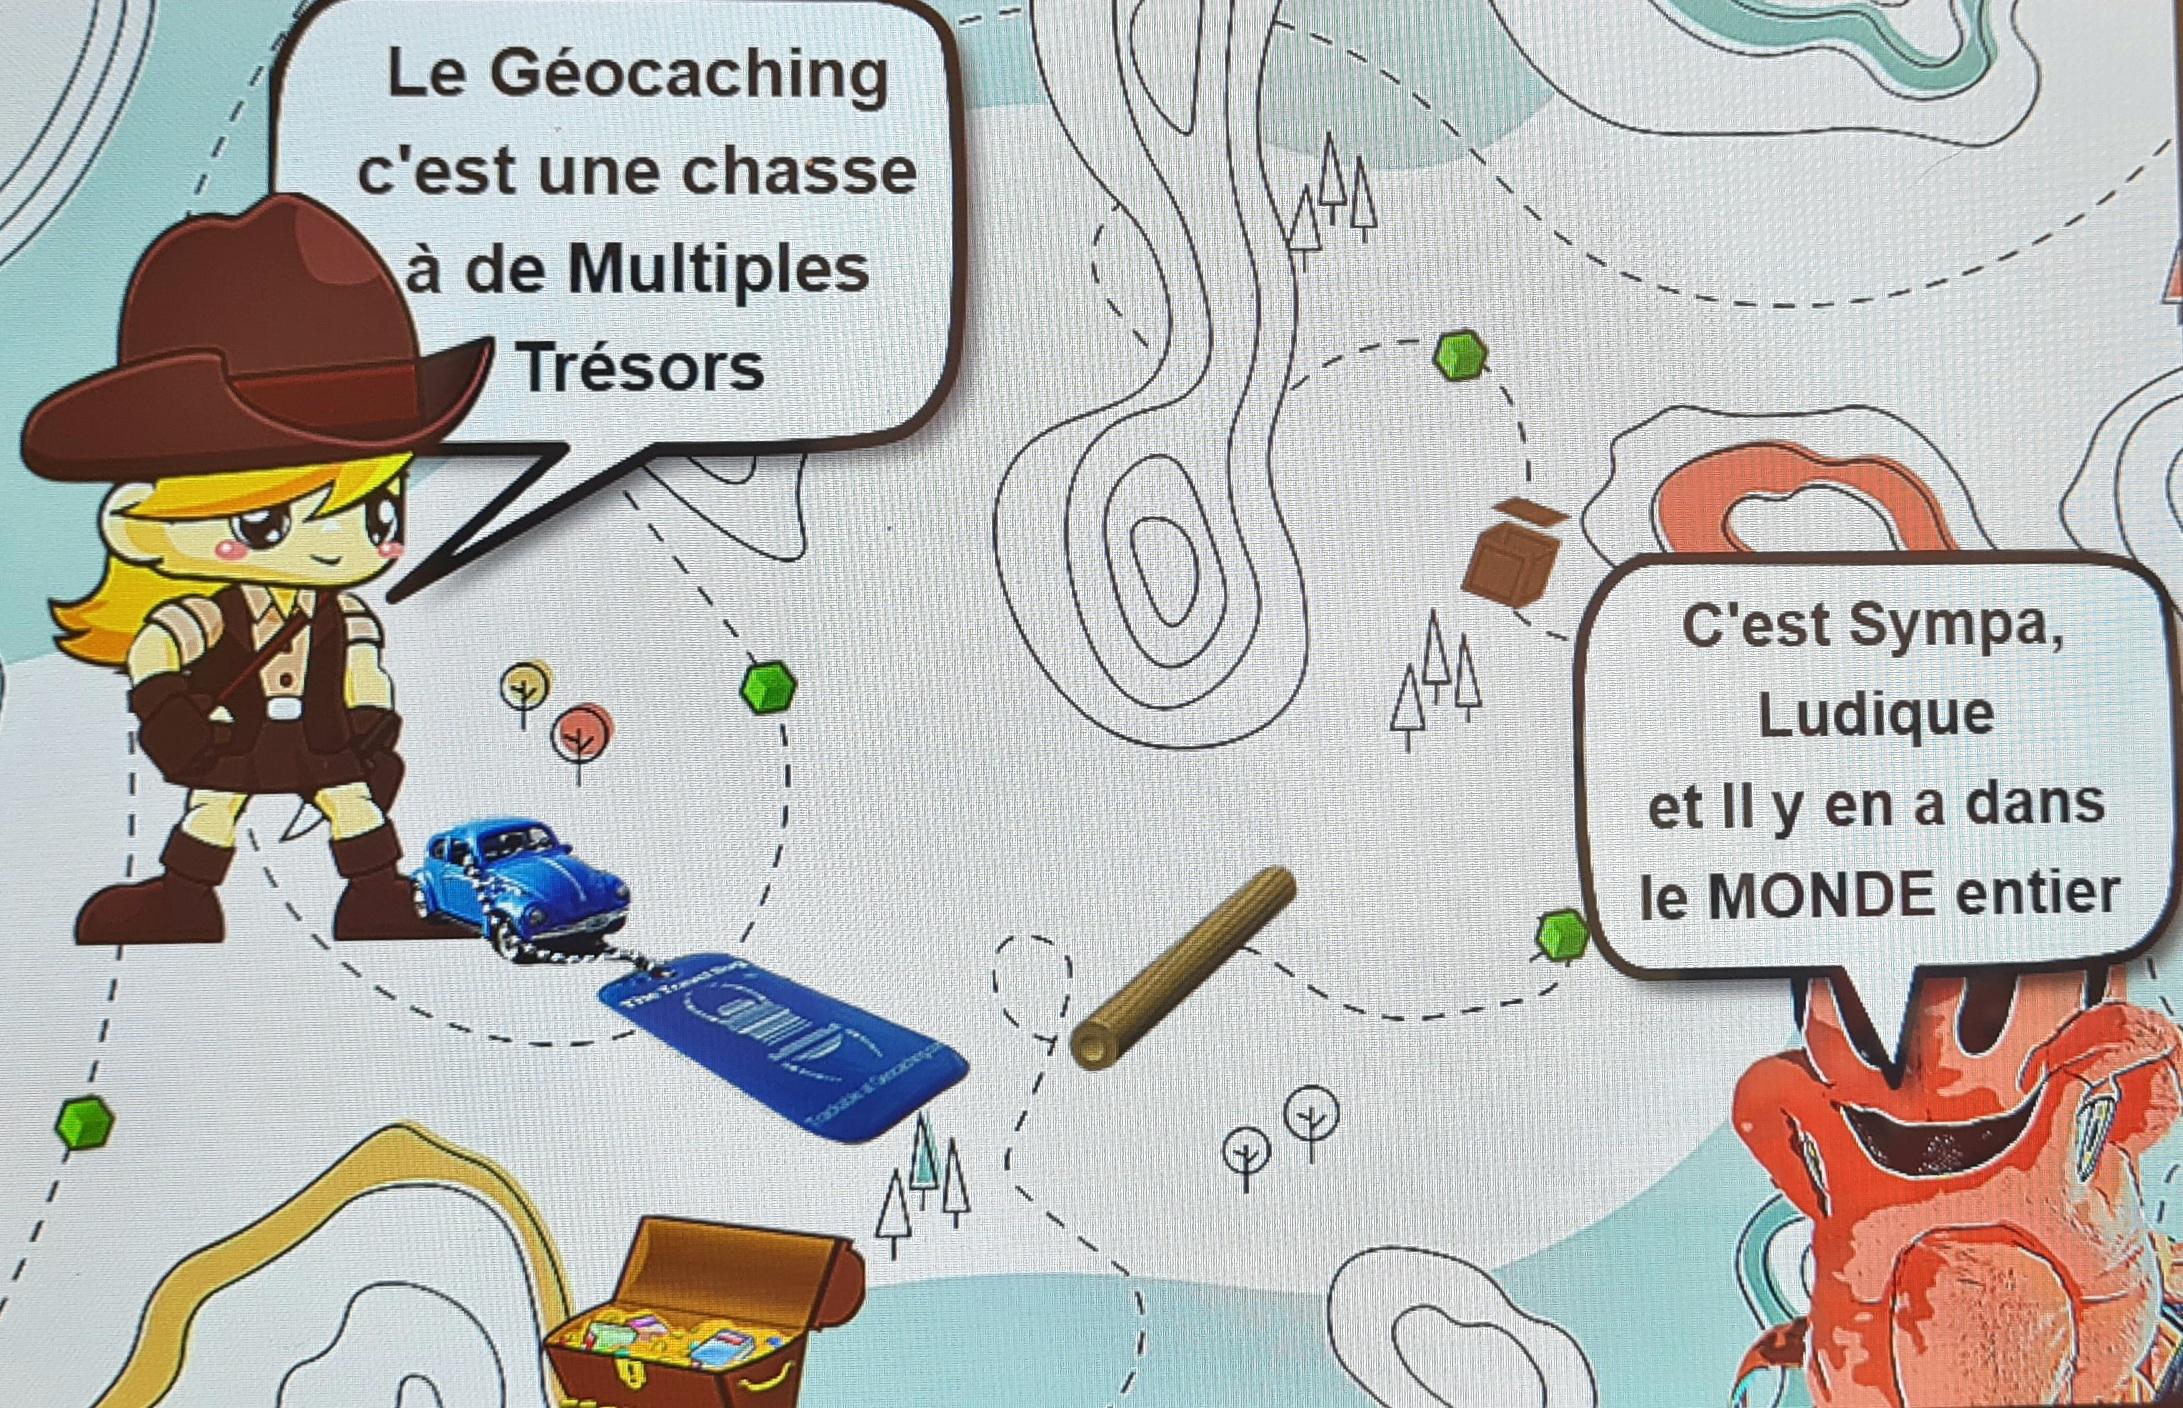 INITIATION GÉOCACHING avec La Poulpe de La Boutique ROKA CONCEPTS  - YVERDON-LES-BAINS